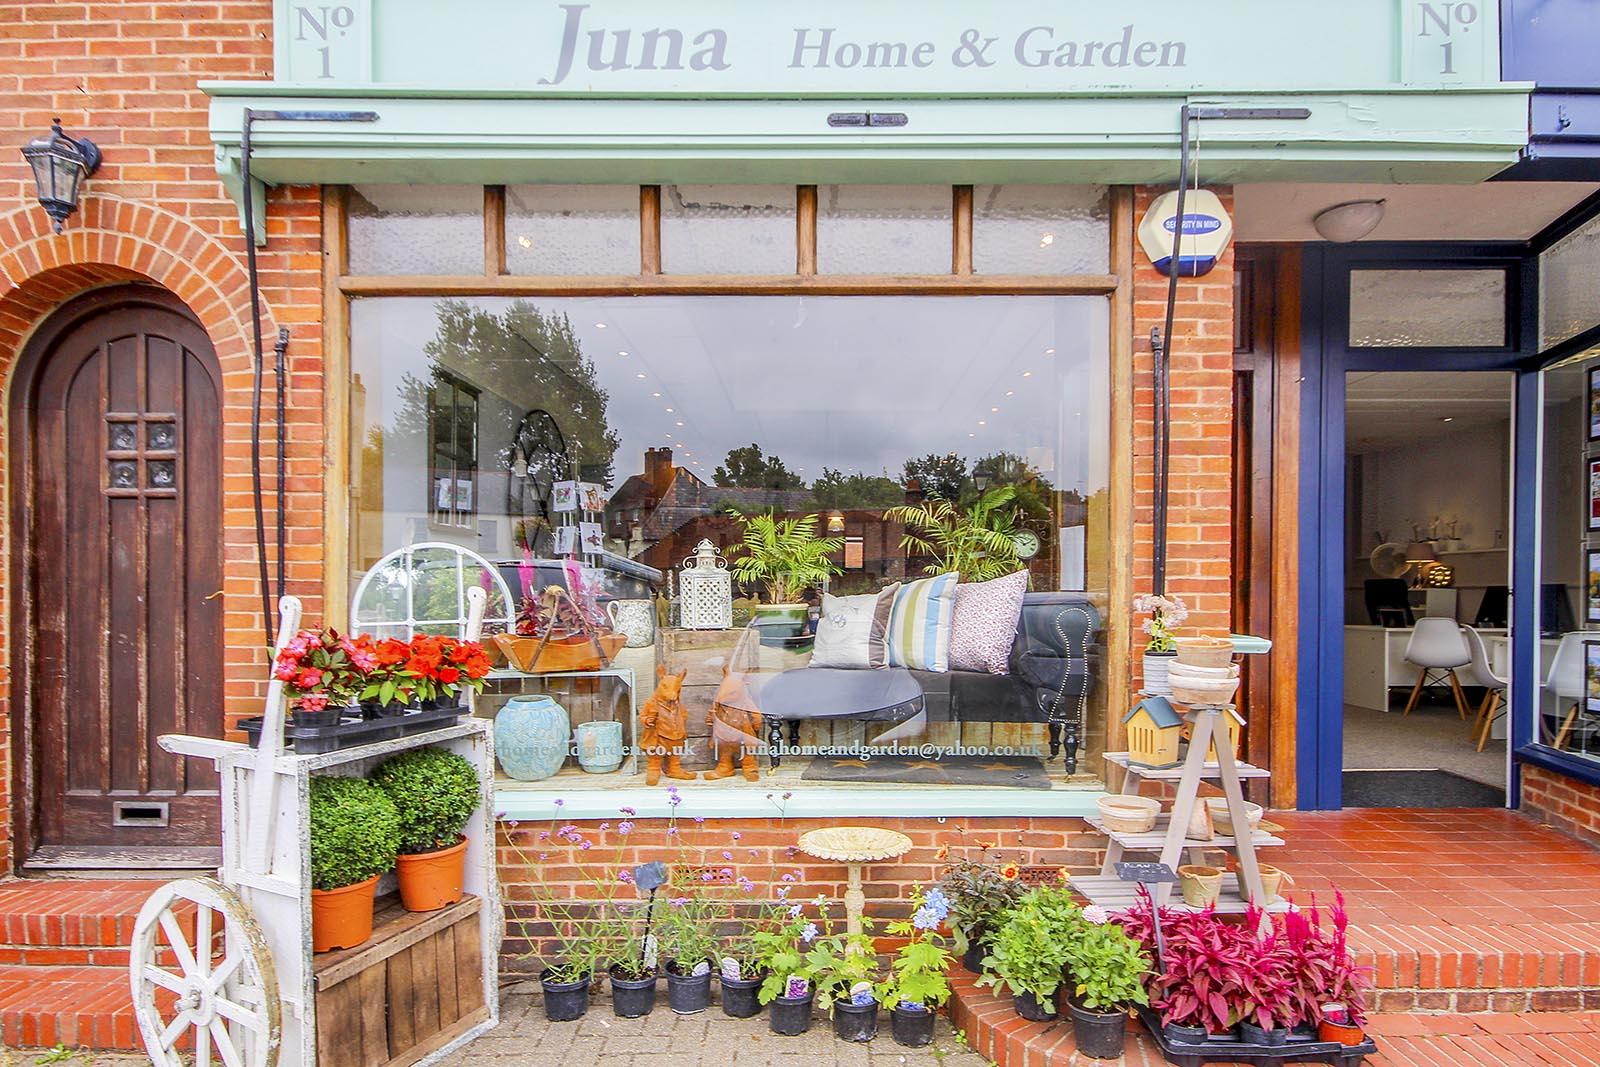 Juna Home & Garden in Angmering (1)